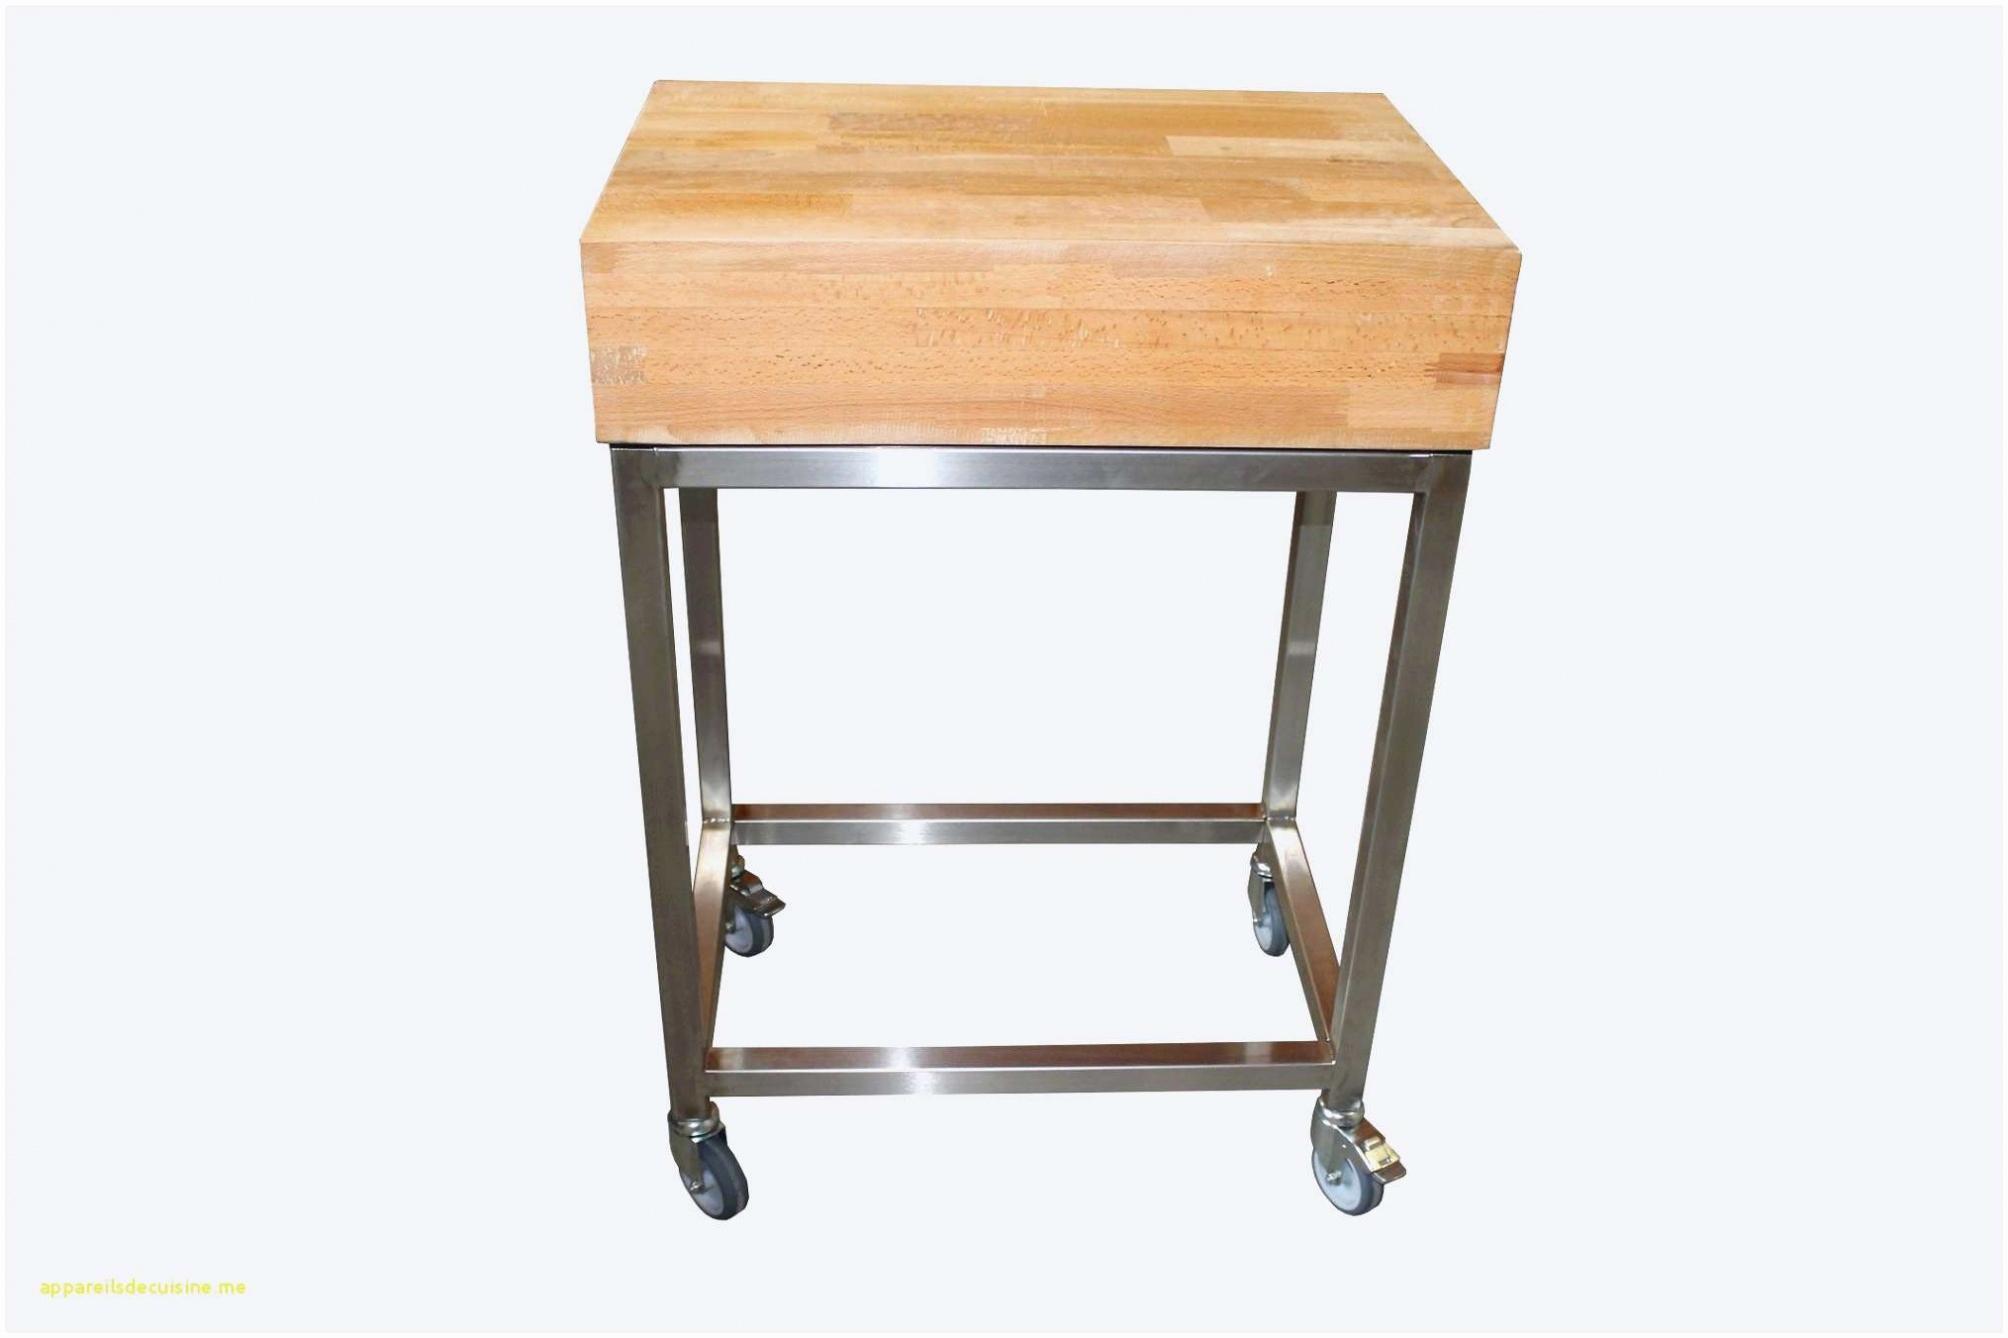 chaise de jardin bois unique 77 genial table jardin alinea de chaise de jardin bois